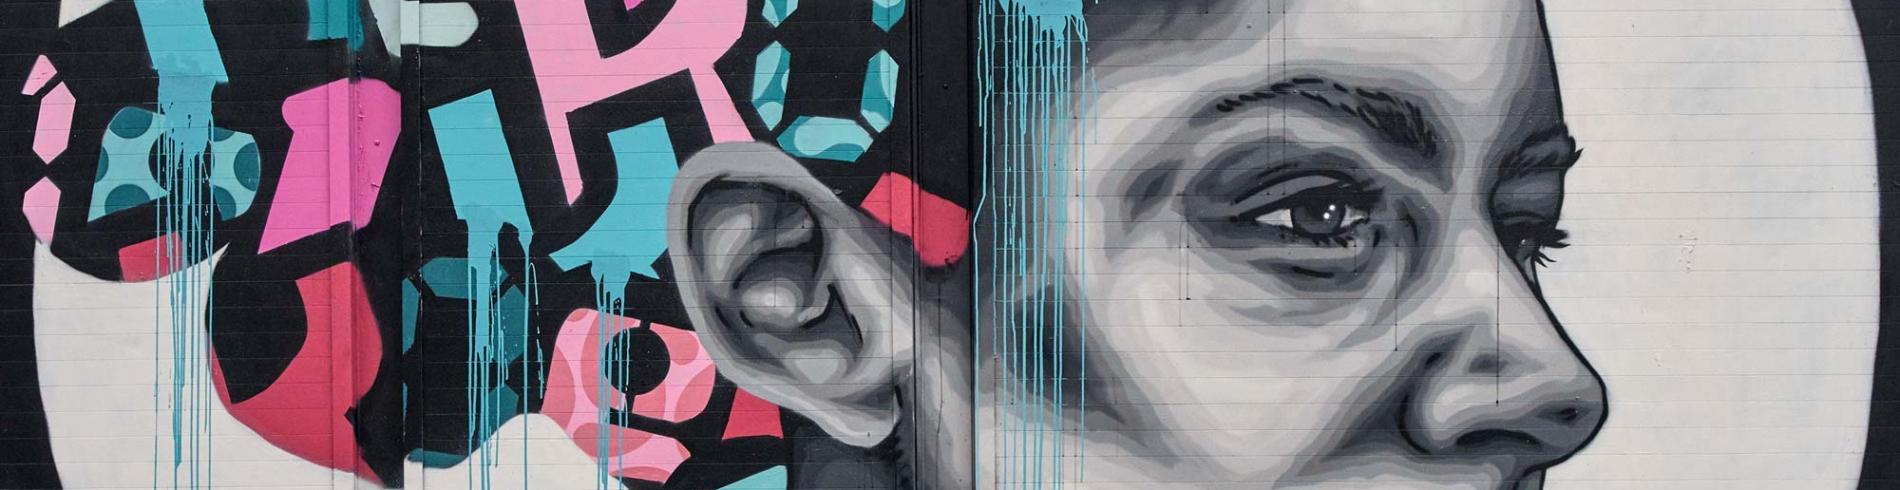 Street art at Hackney road